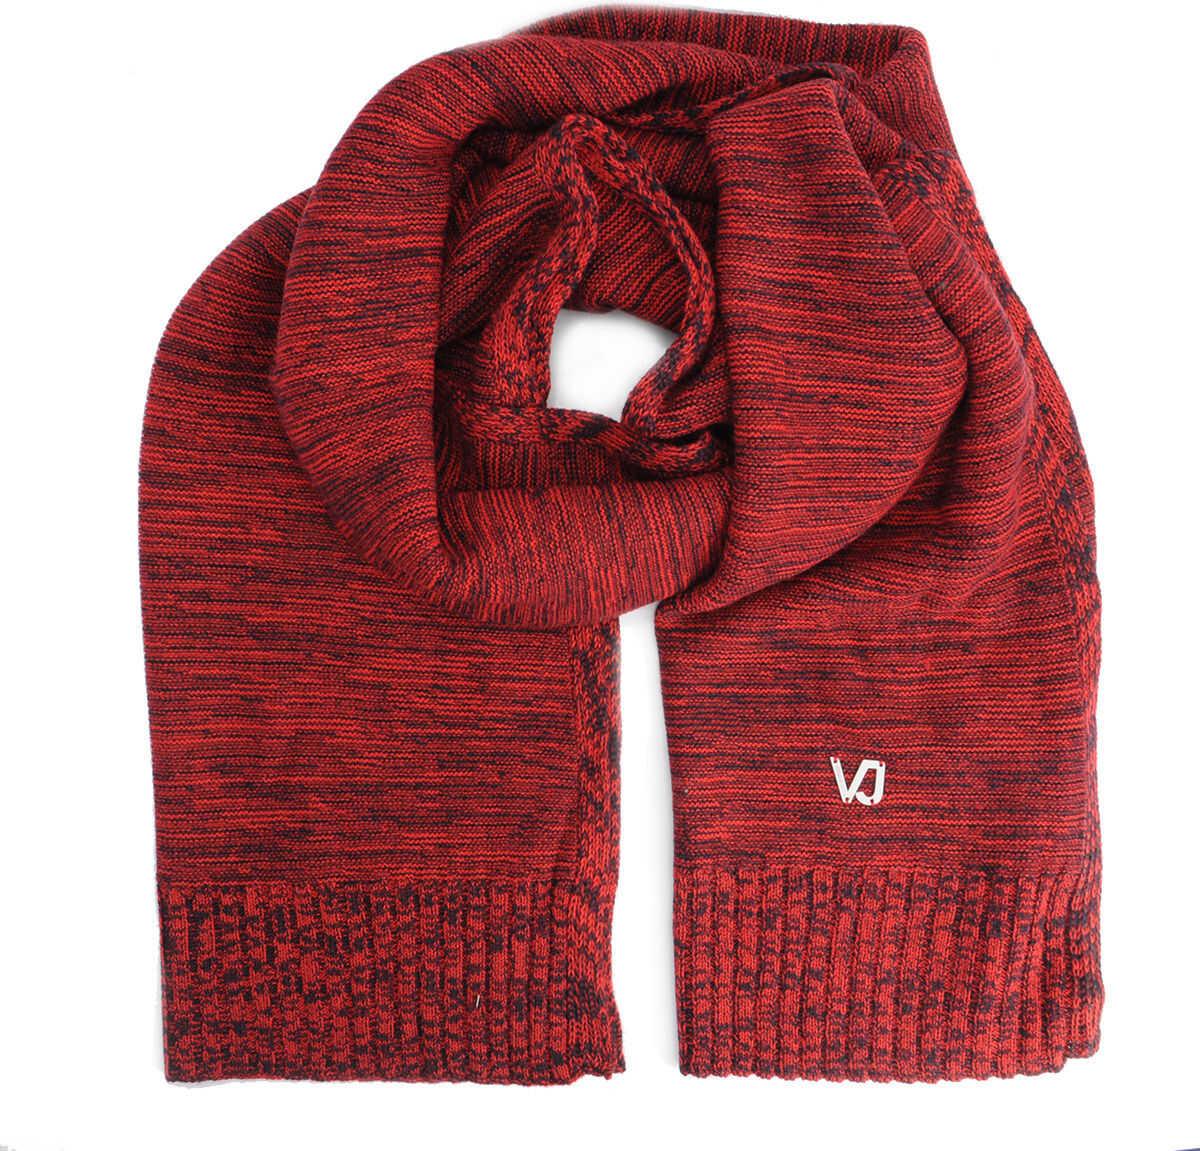 Versace Jeans Szal Czarny, Czerwony